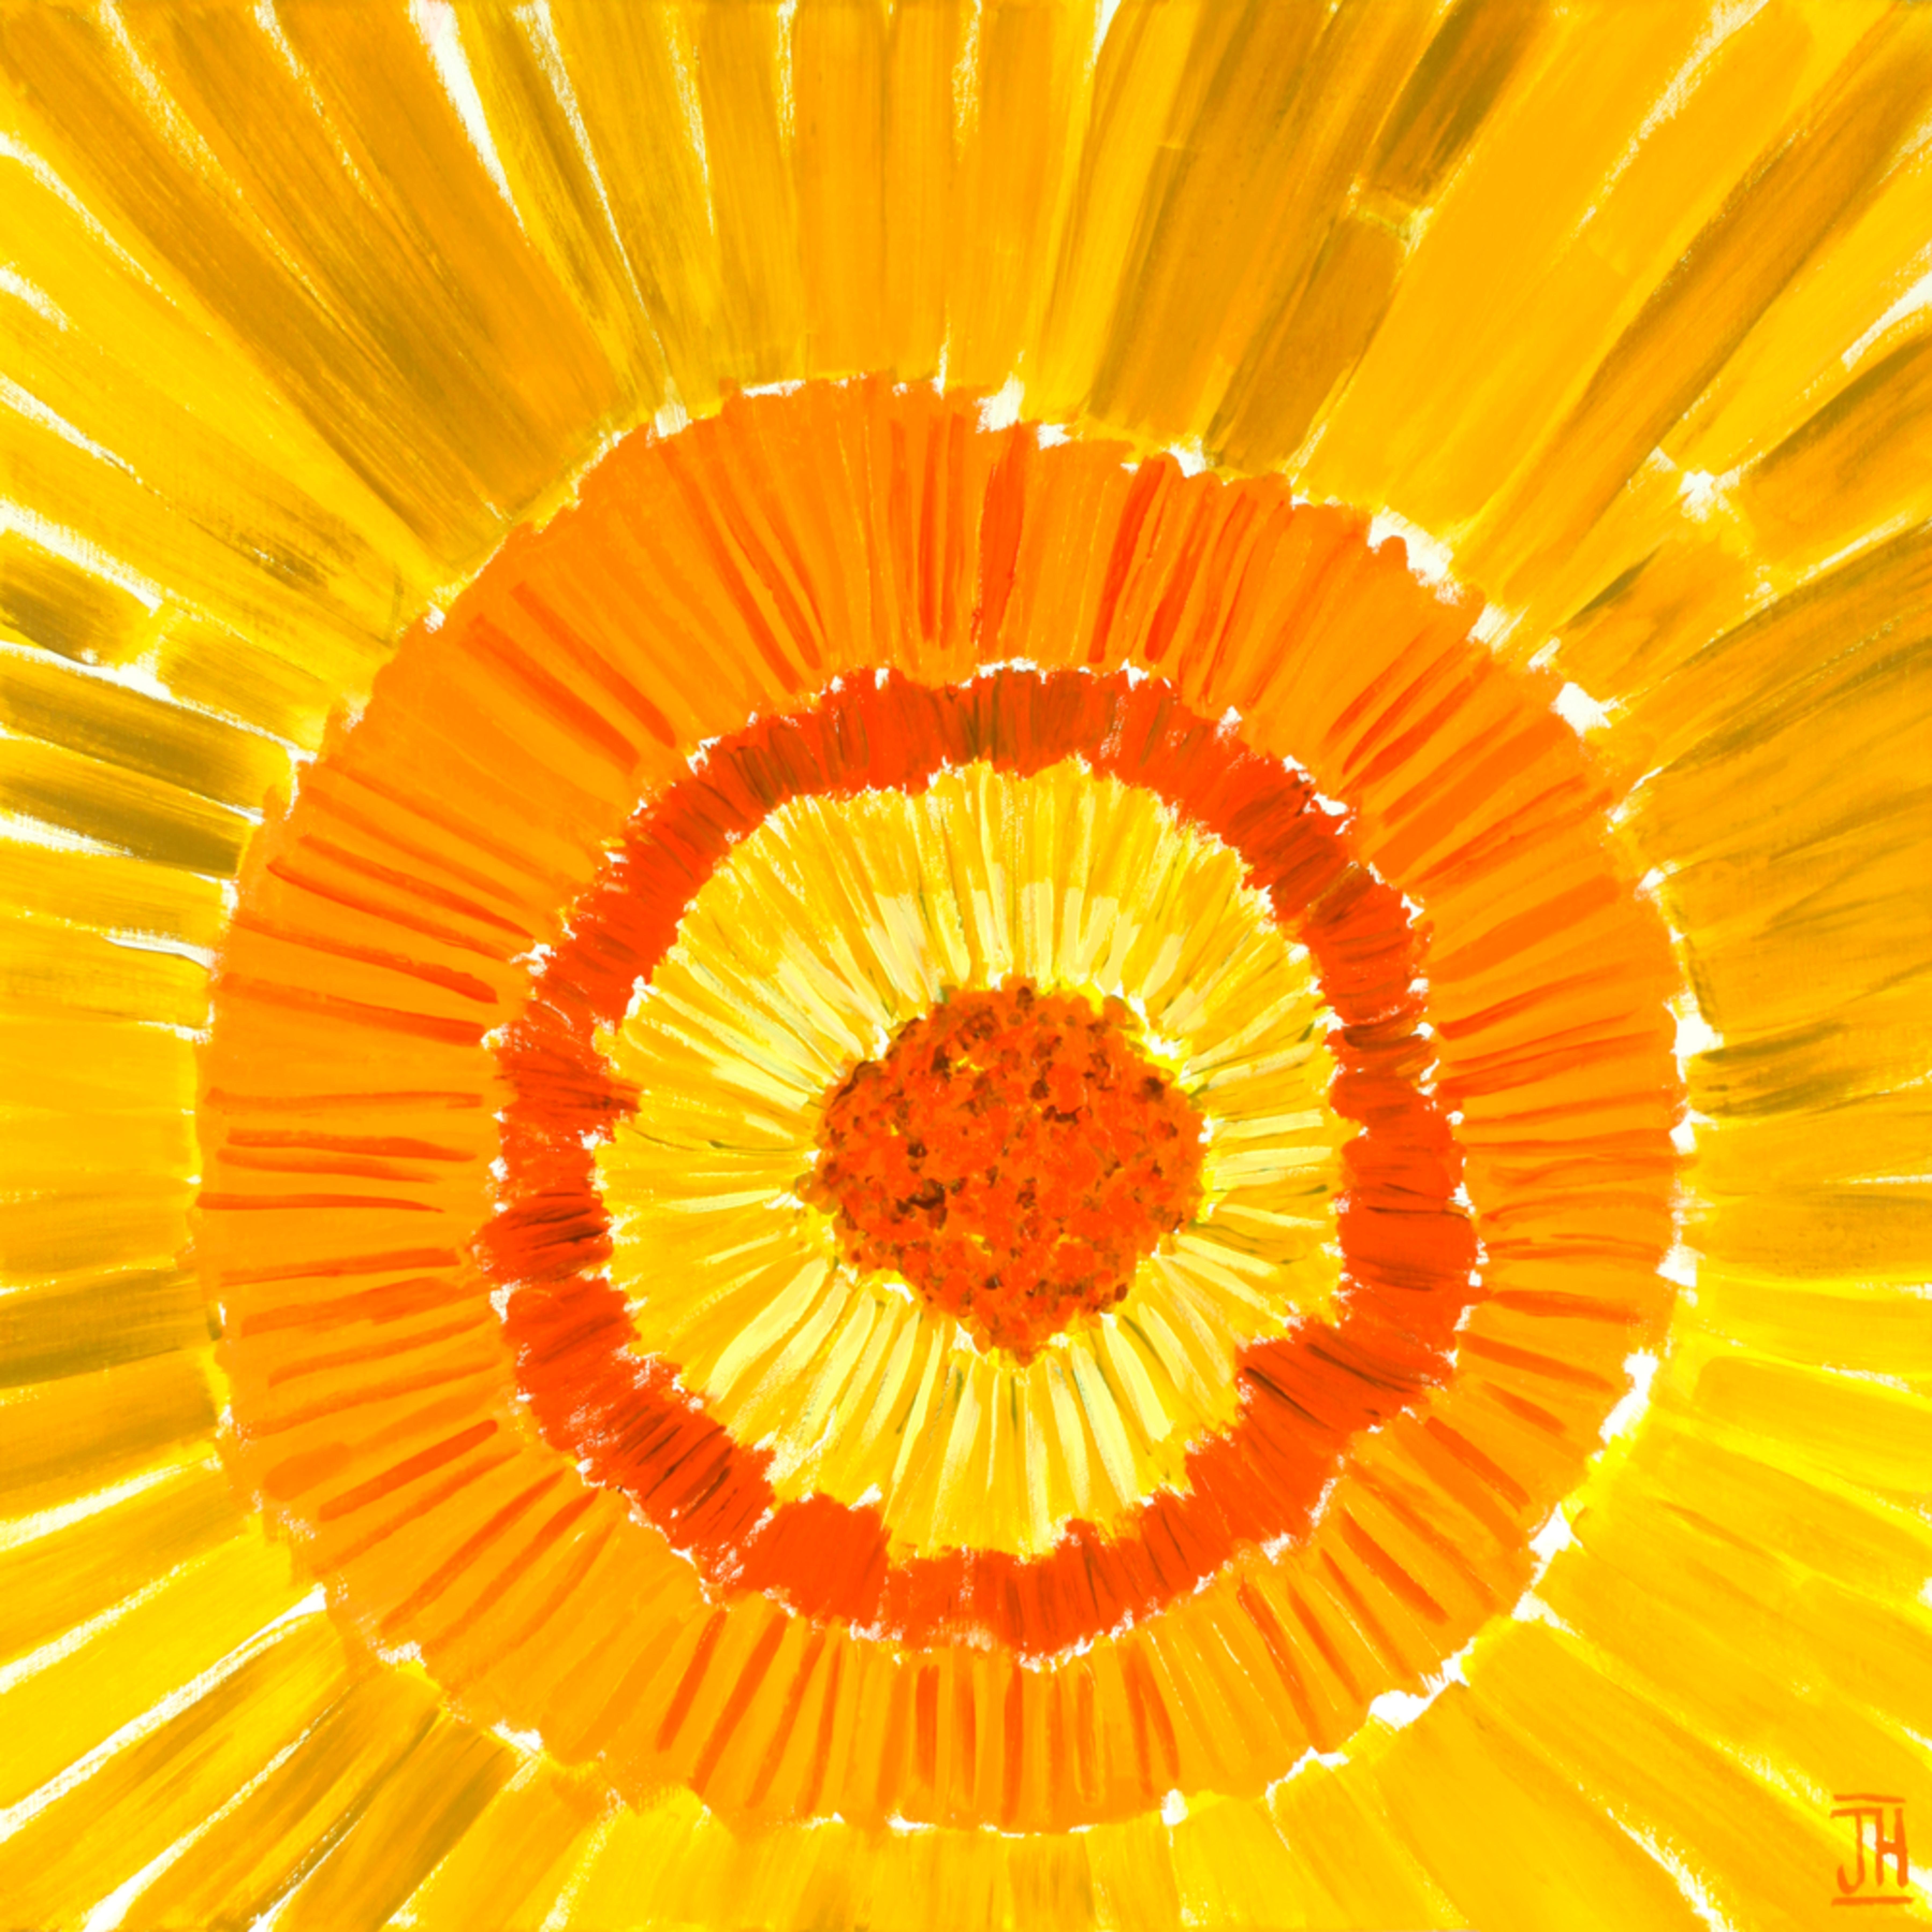 Bloom jhahn qhrrf2